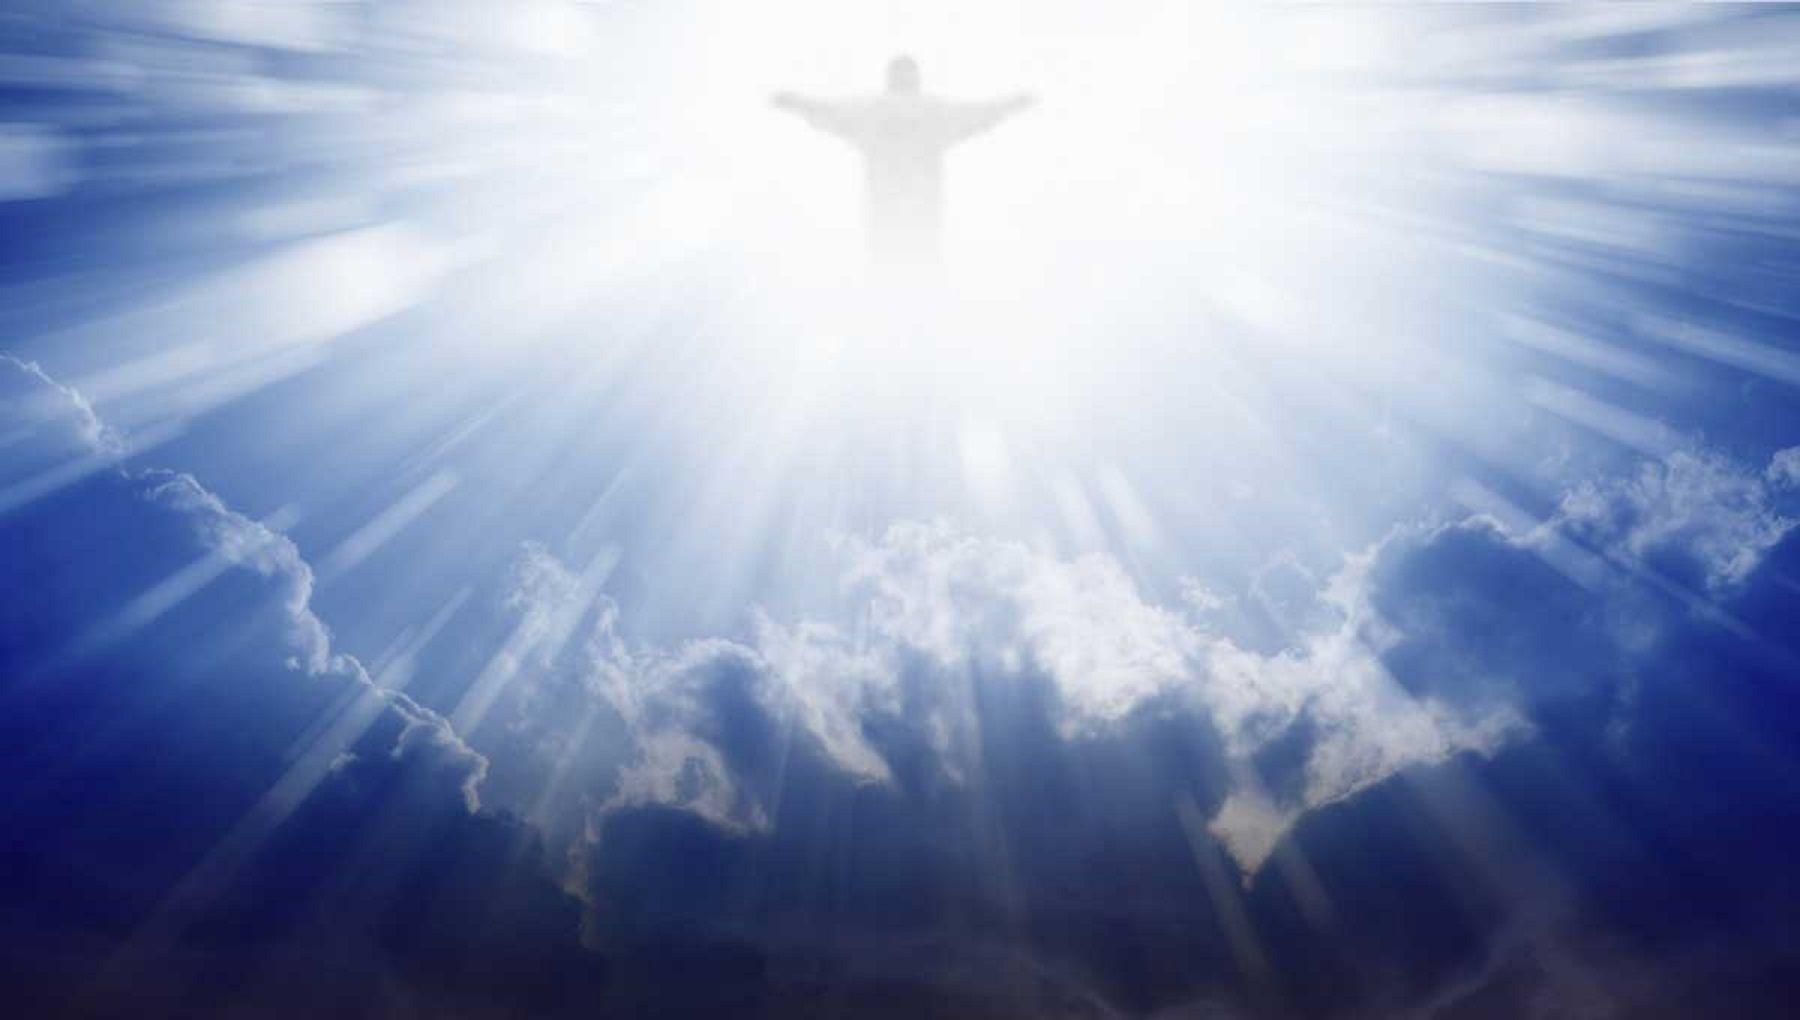 Más joven de lo que parece: así sería la cara de Dios según un estudio